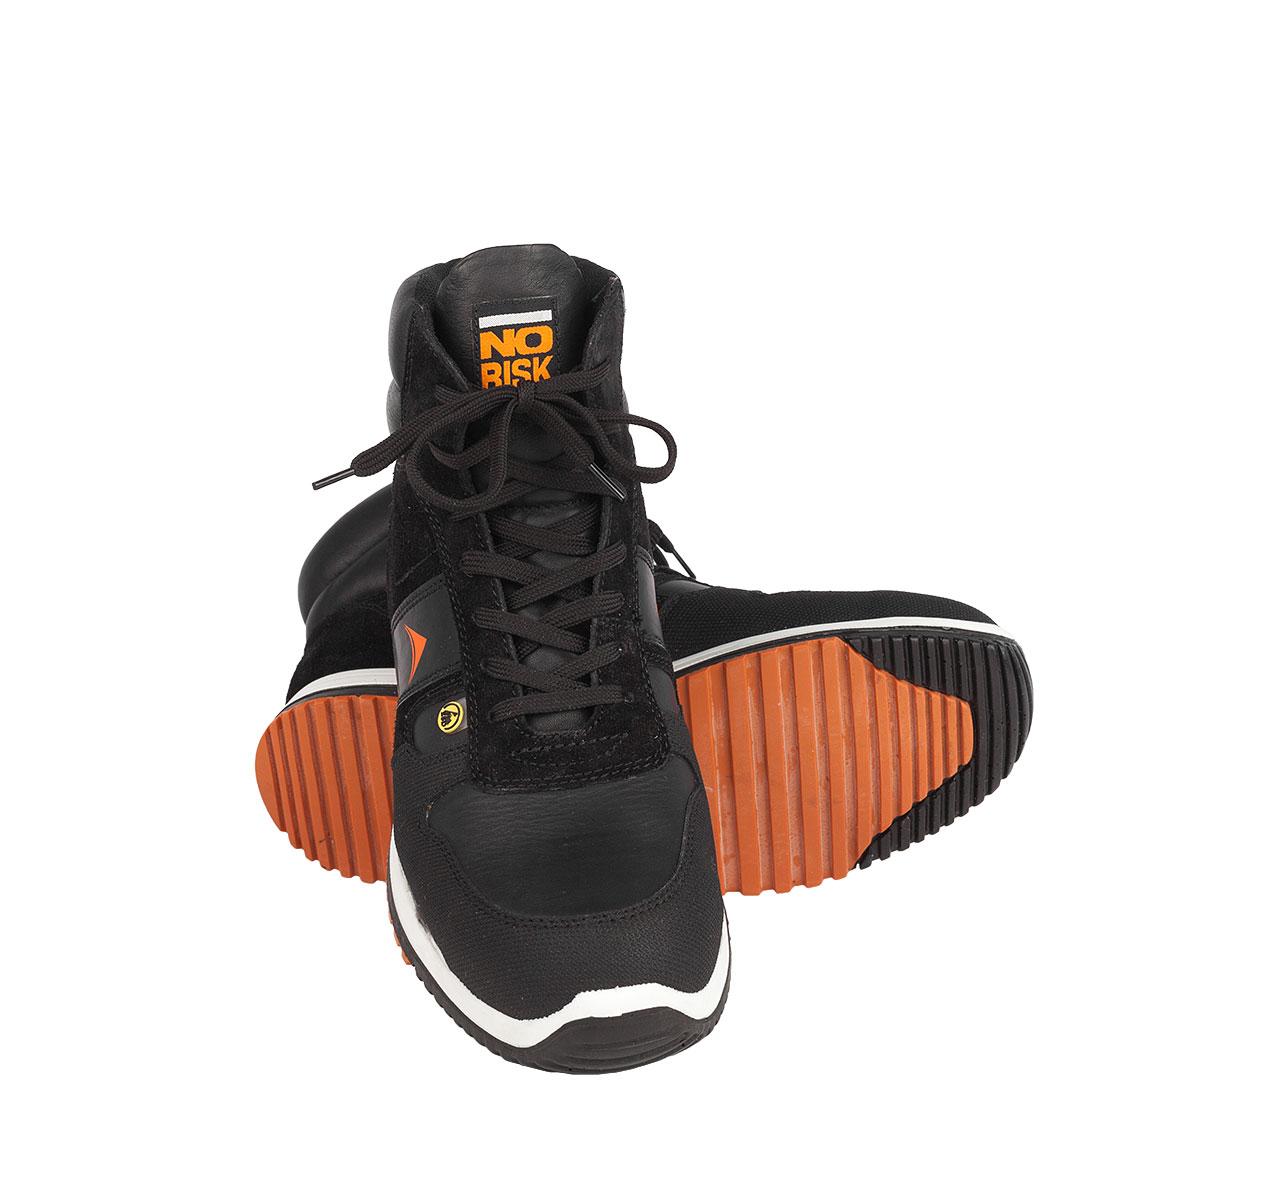 NO RISK Sicherheitssneaker Jumper S3 schwarz